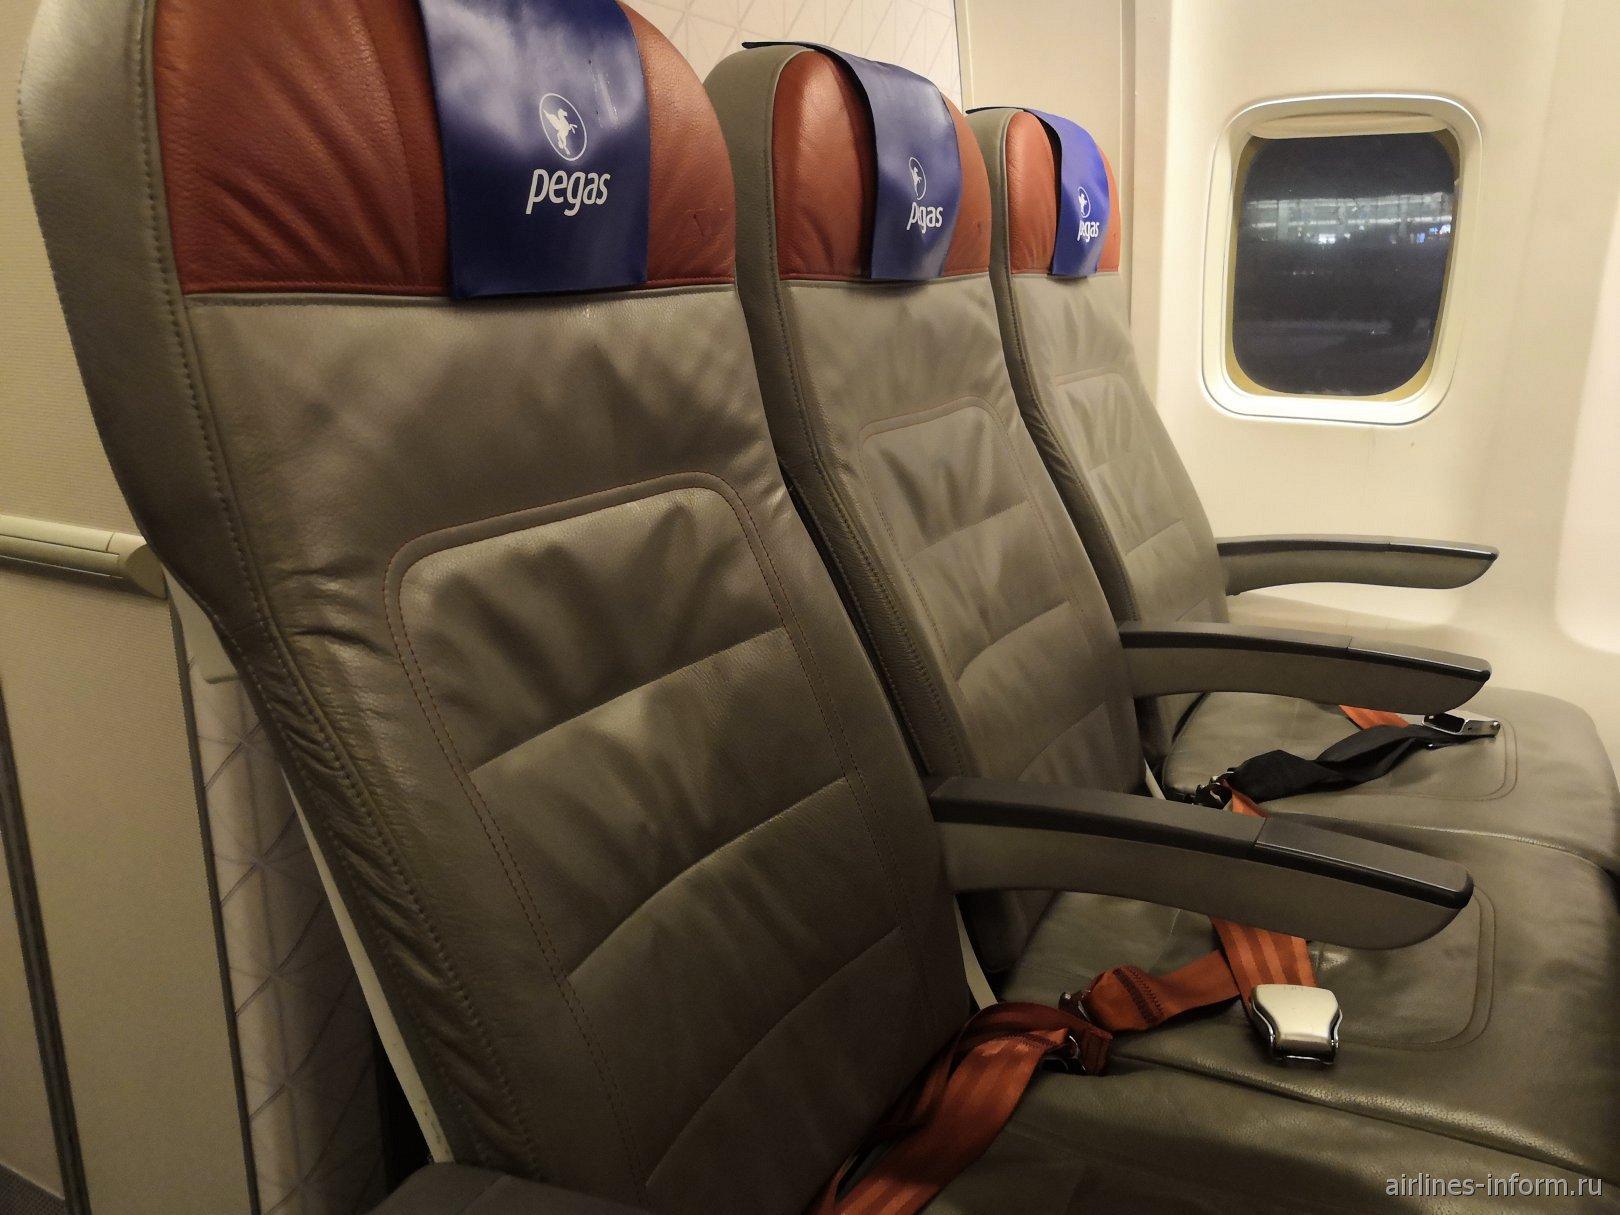 Пассажирские кресла в самолете Боинг-737-800 авиакомпании Pegas Fly